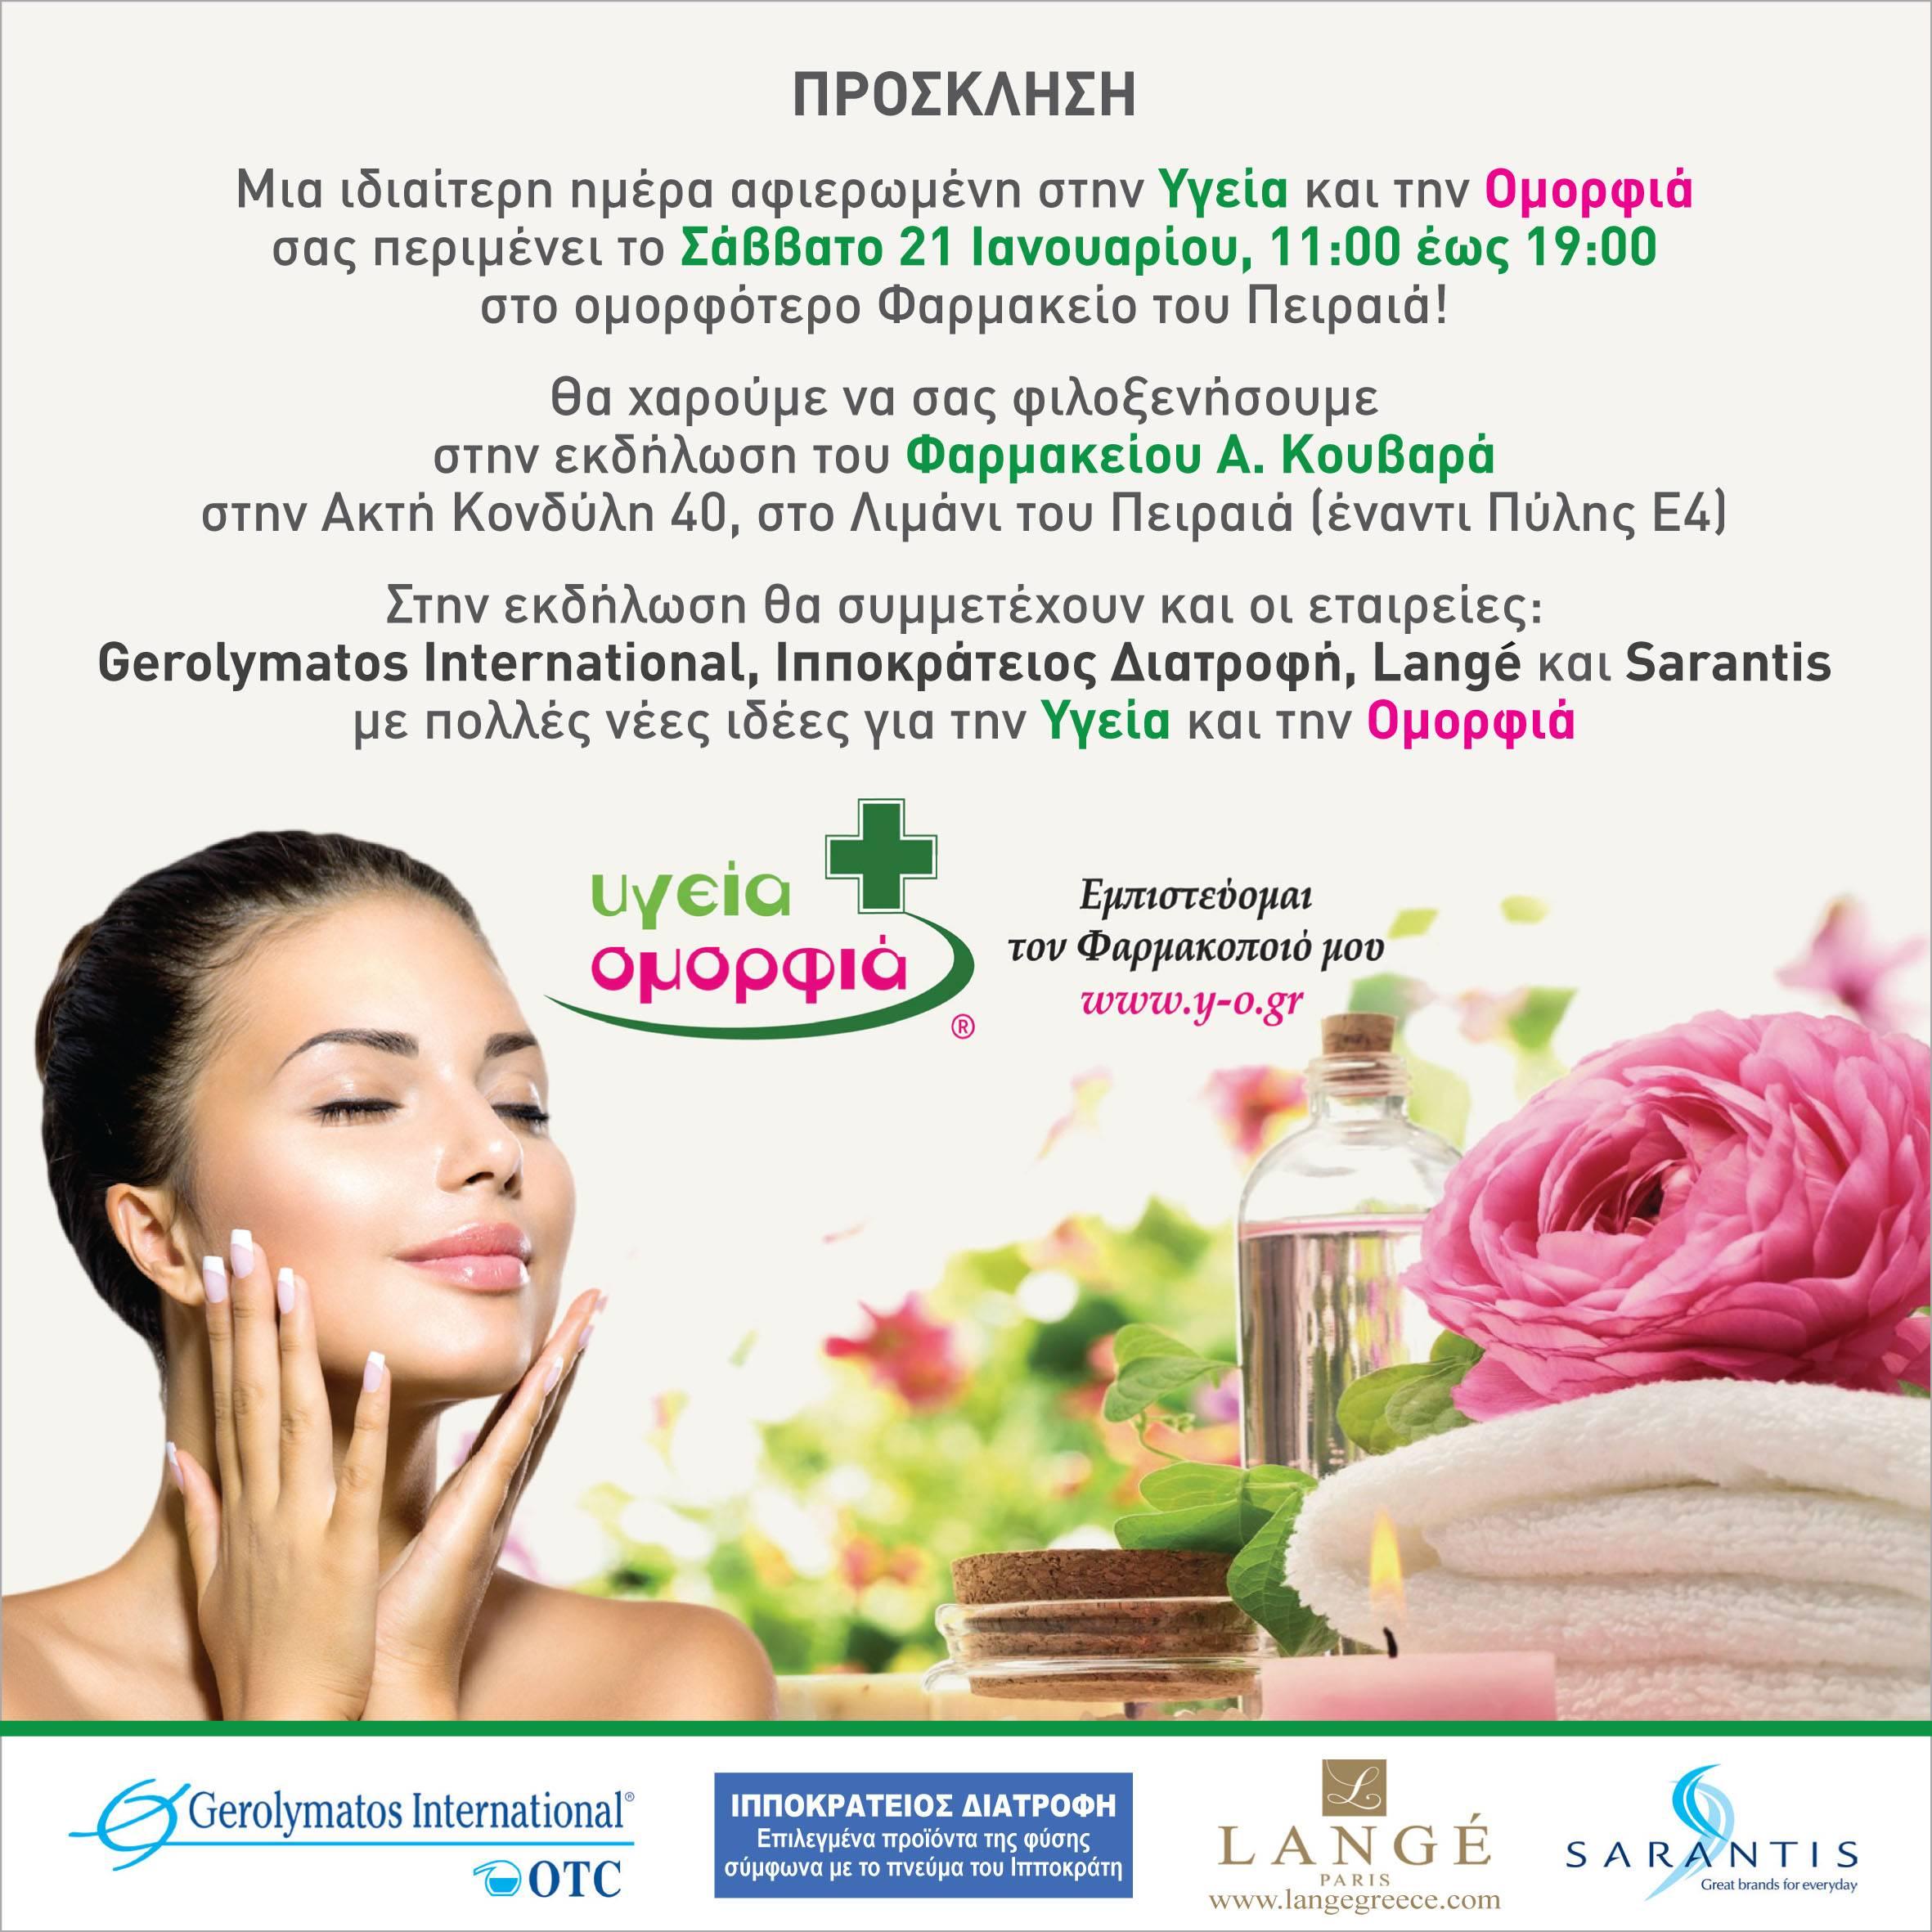 Υγεία και Ομορφιά event